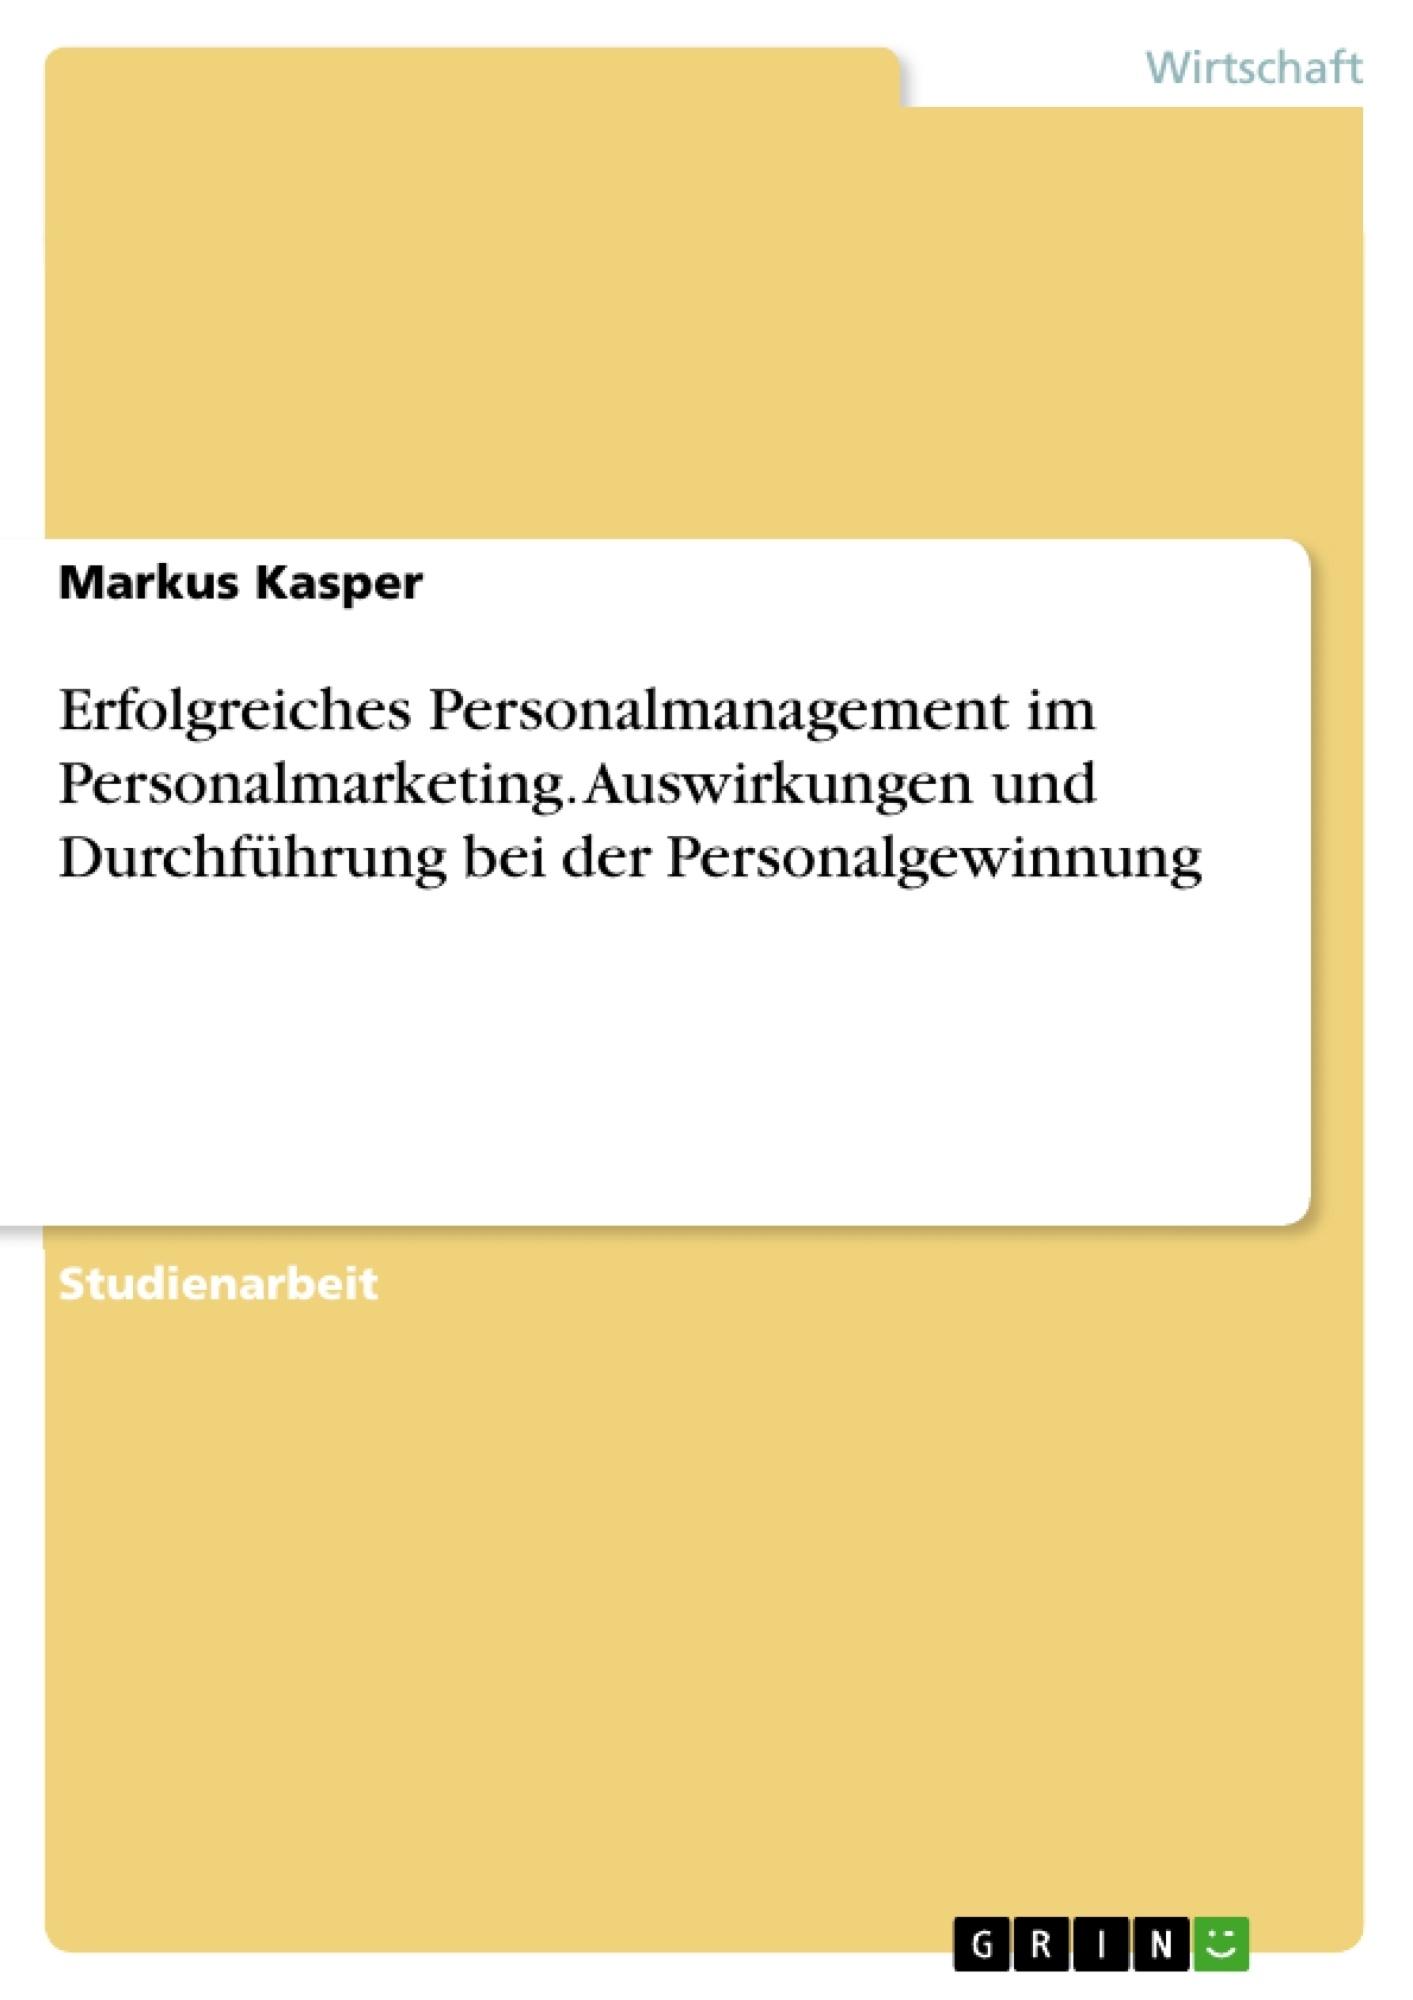 Titel: Erfolgreiches Personalmanagement im Personalmarketing. Auswirkungen und Durchführung bei der Personalgewinnung